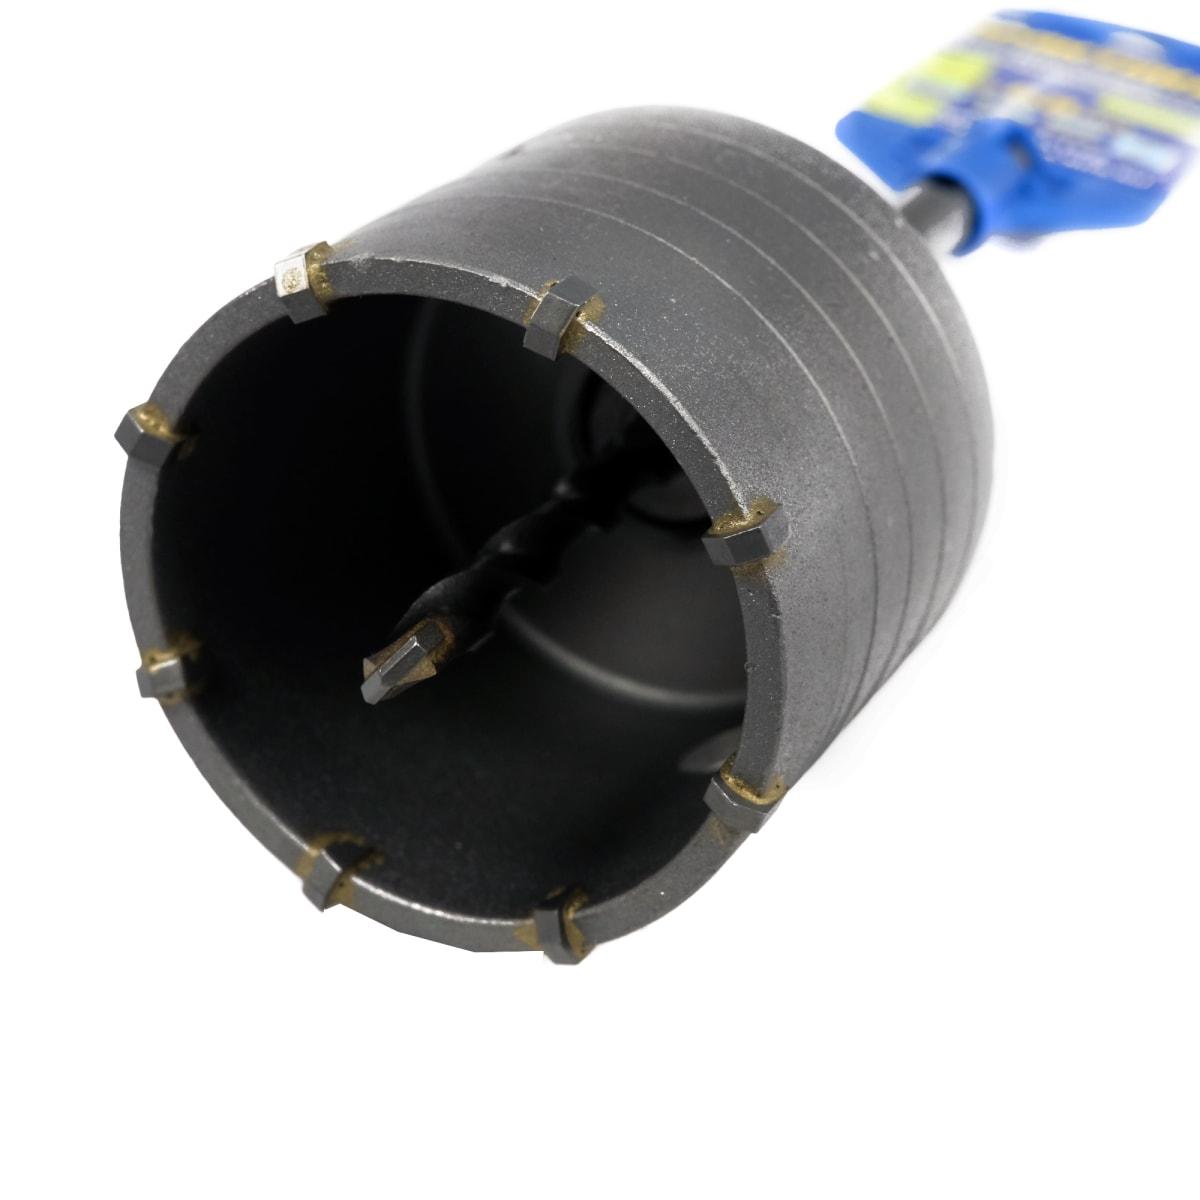 Коронка по бетону для розеток купить в леруа мерлен методы испытания бетонной смеси